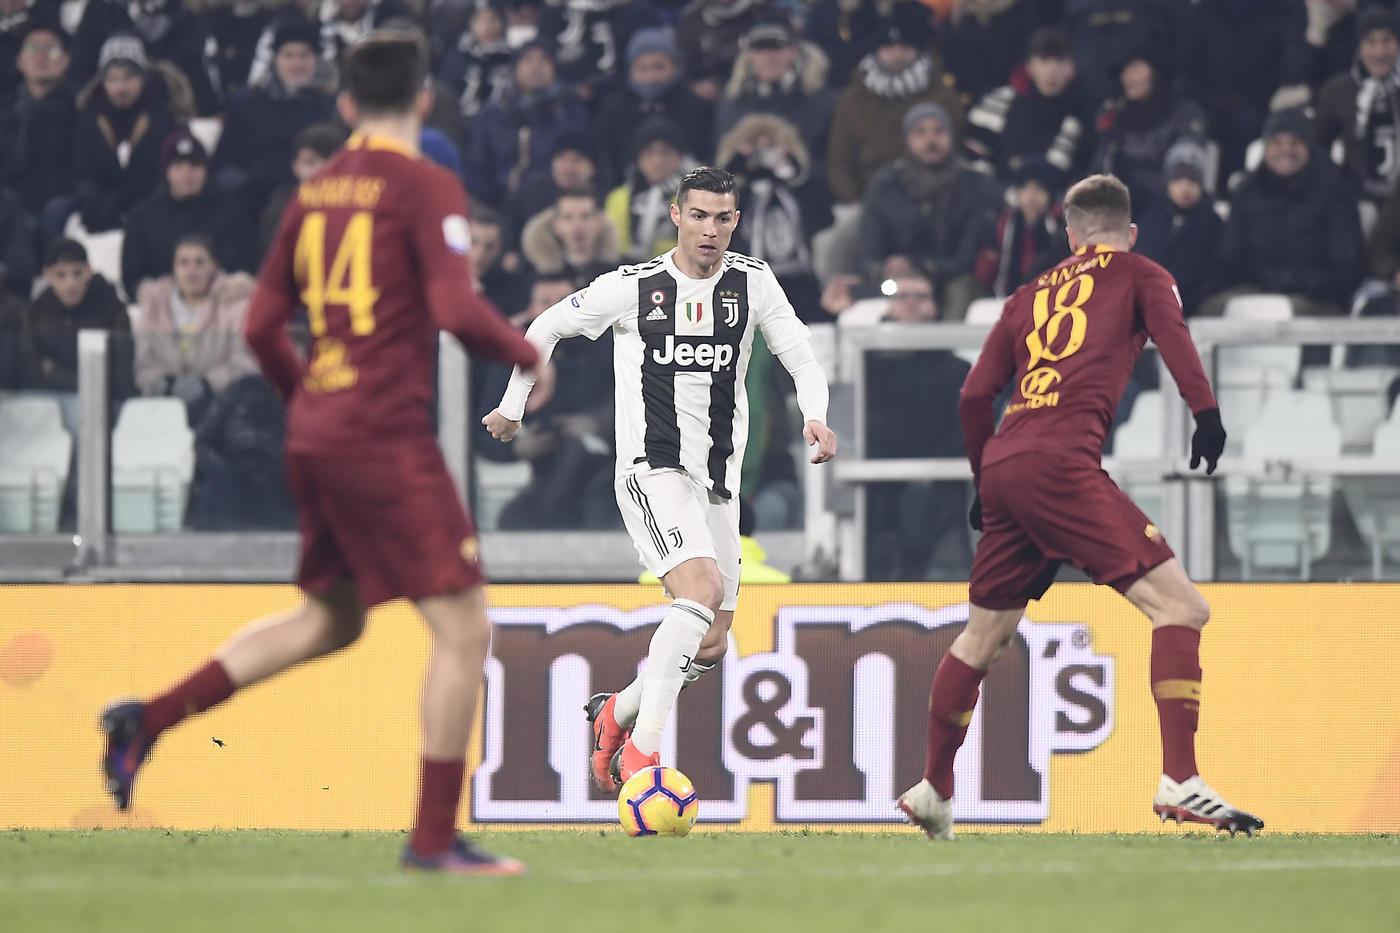 La Juve batte anche la Roma ed è campione d'inverno